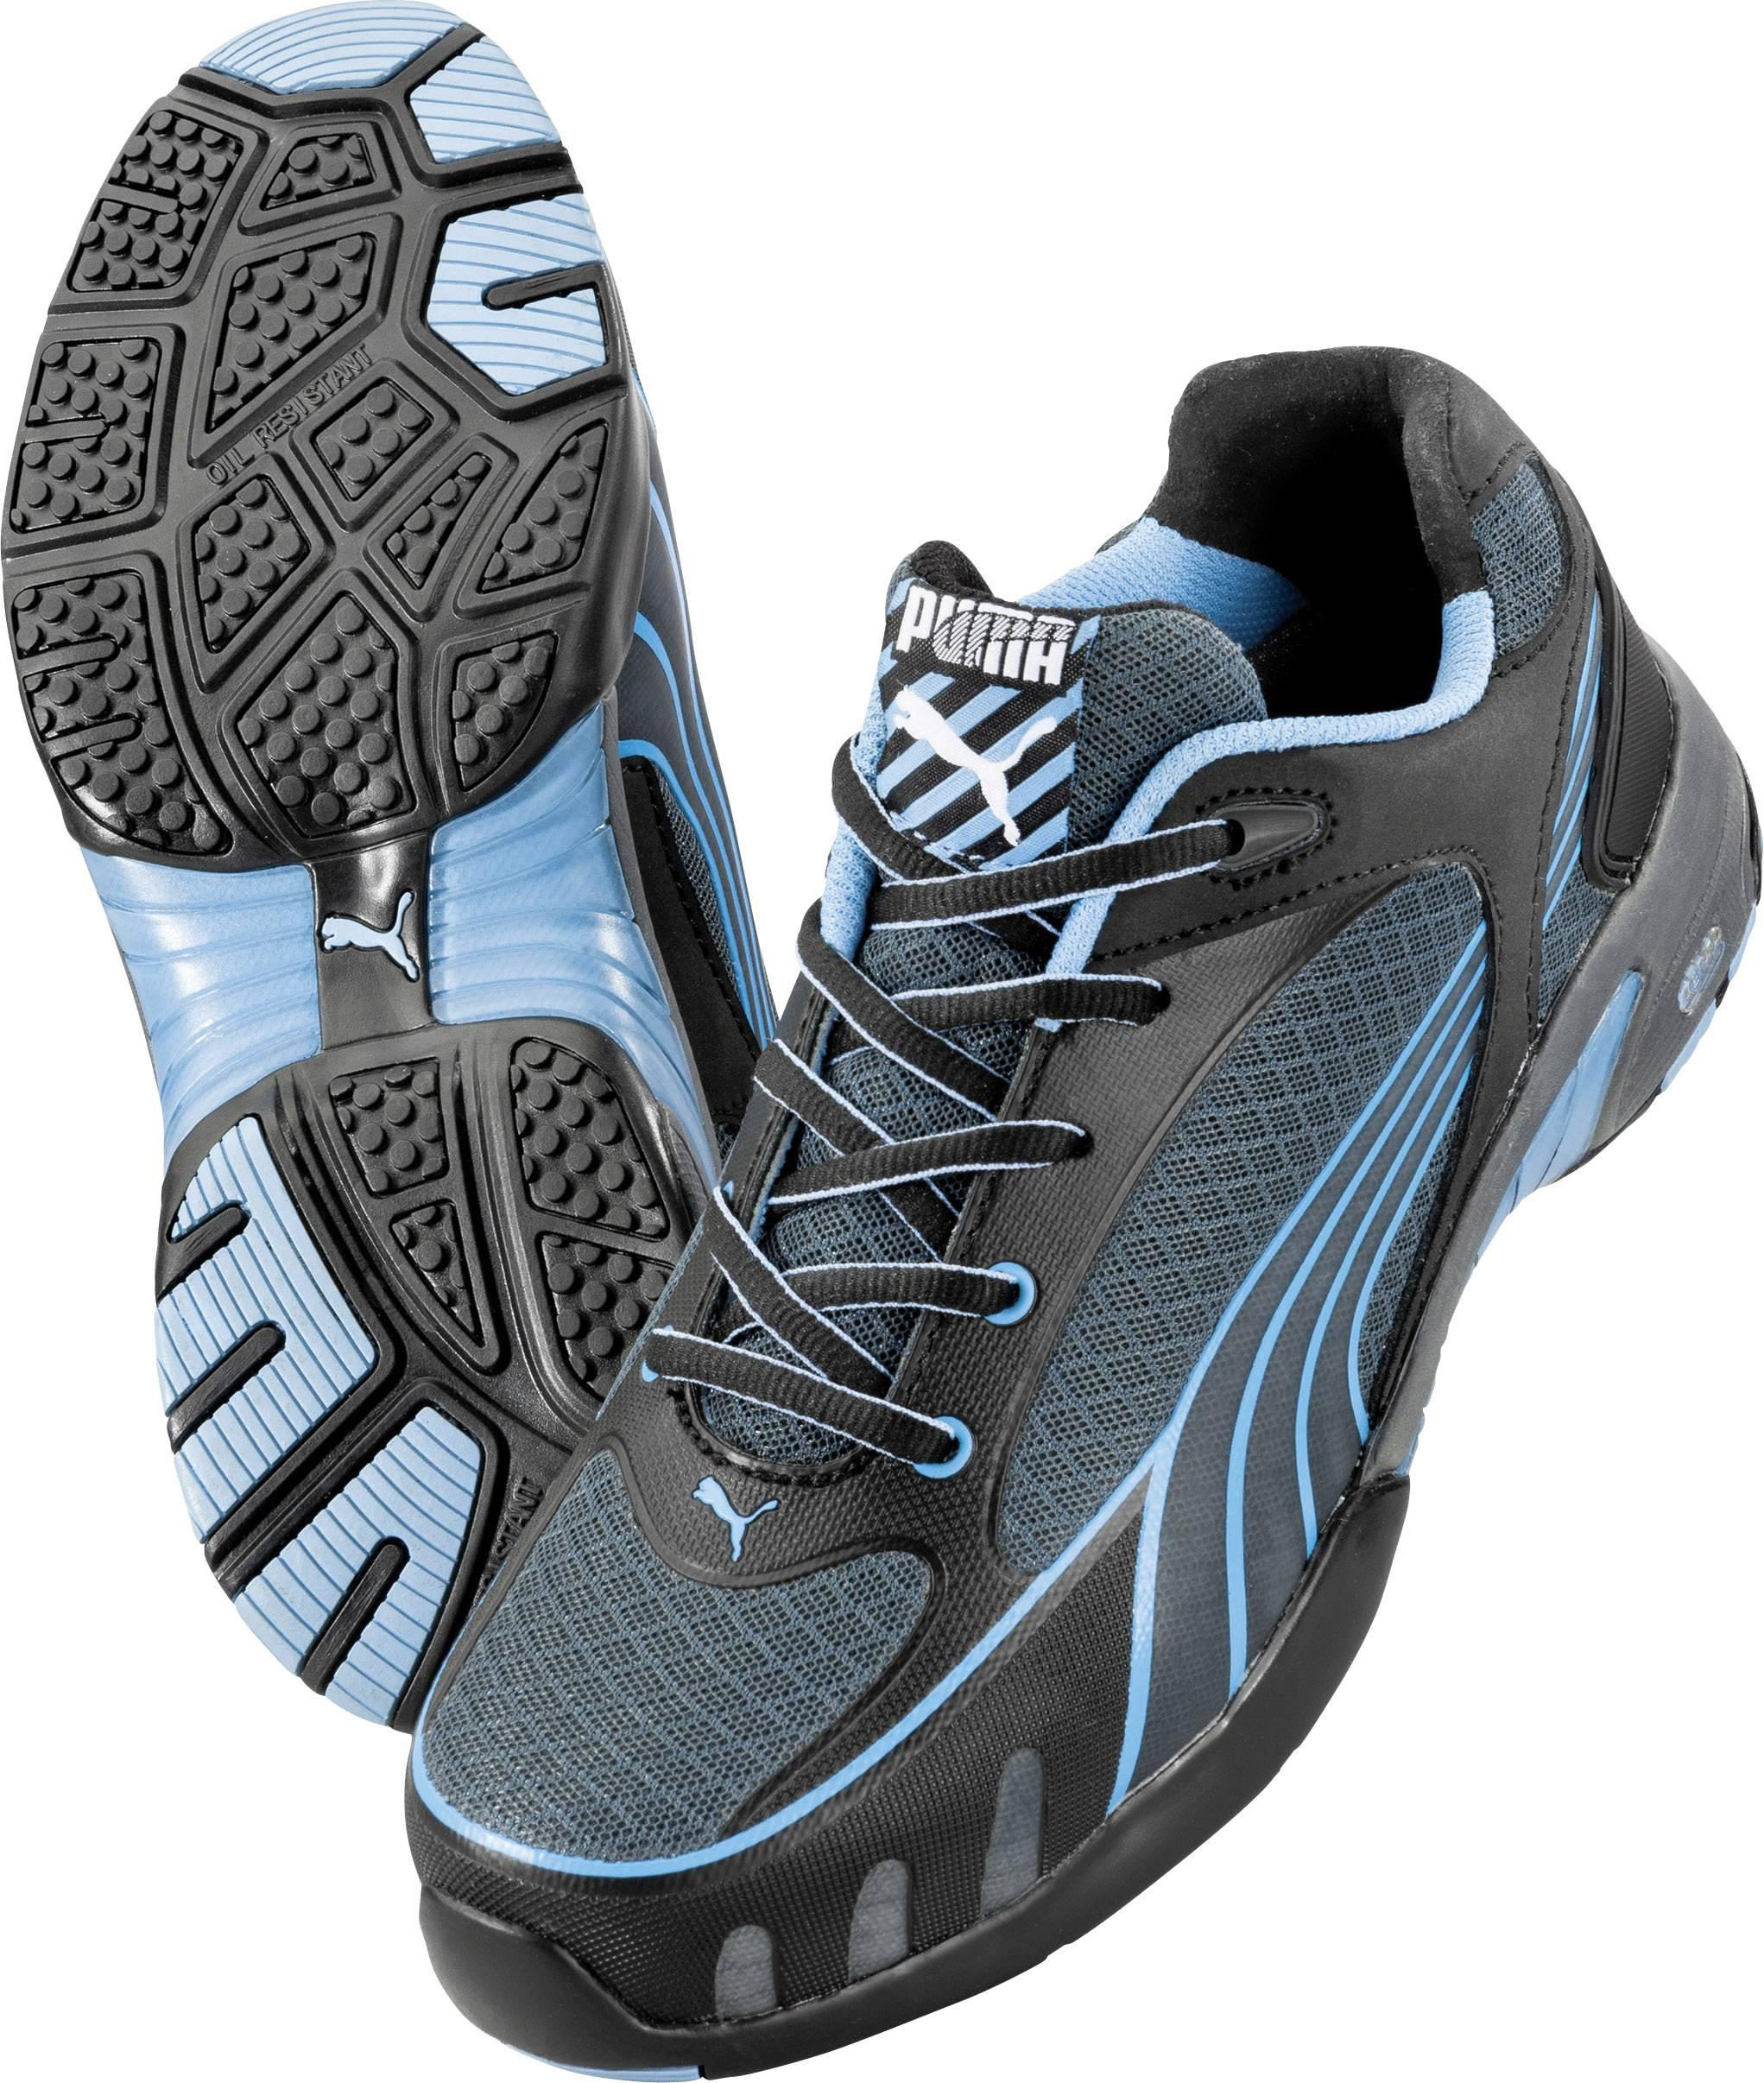 Fuse Paire Motion Chaussures Puma Sécurité NoirBleu Taille39 Basses De 1 Safety Wns Low S1 Blue 642820 F1TlJK3c